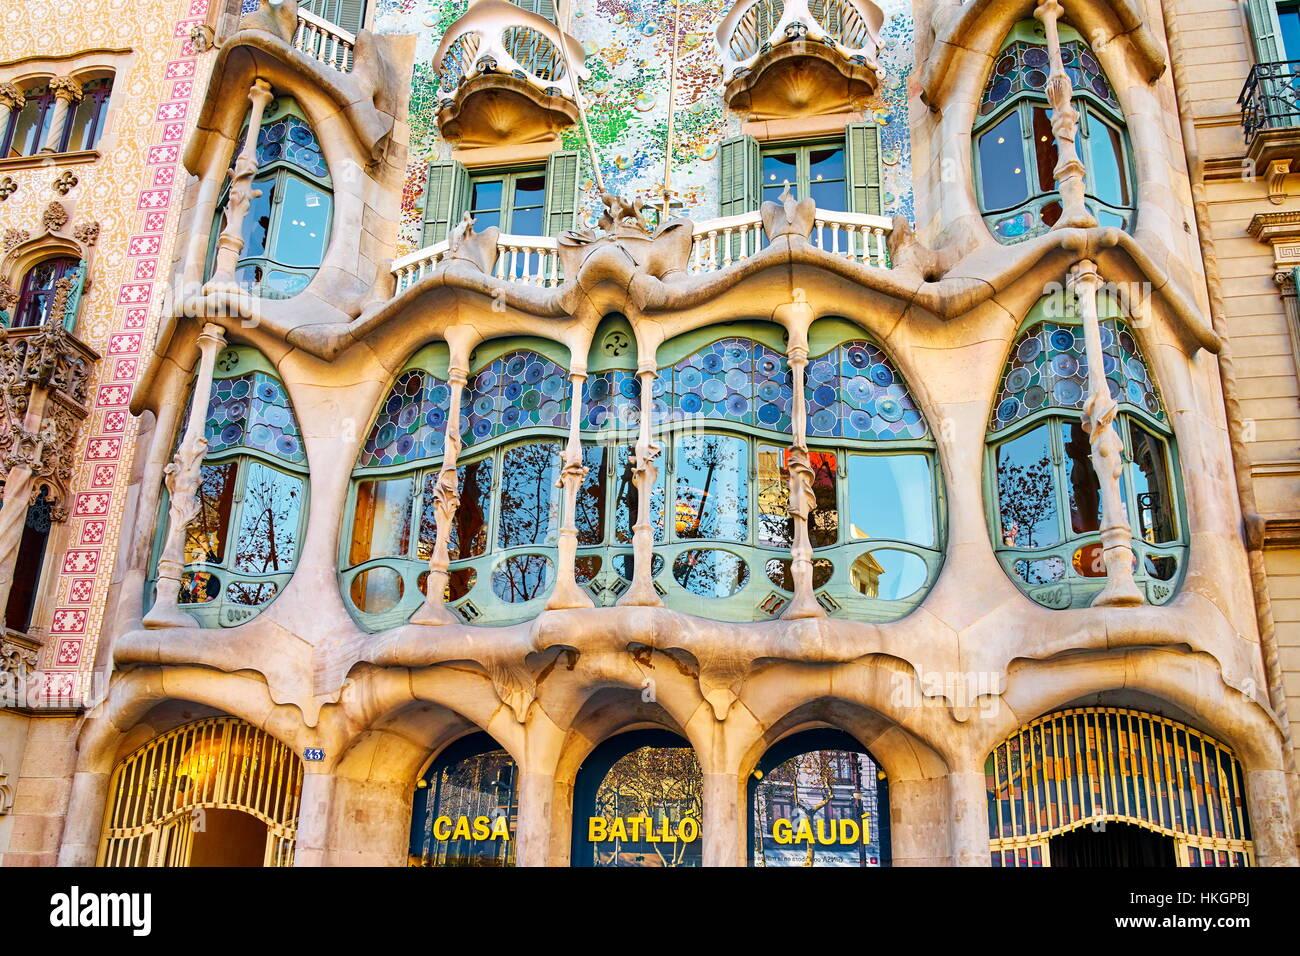 Diseño de la casa, Casa Batlló de Antonio Gaudí, Barcelona, Cataluña, España Imagen De Stock